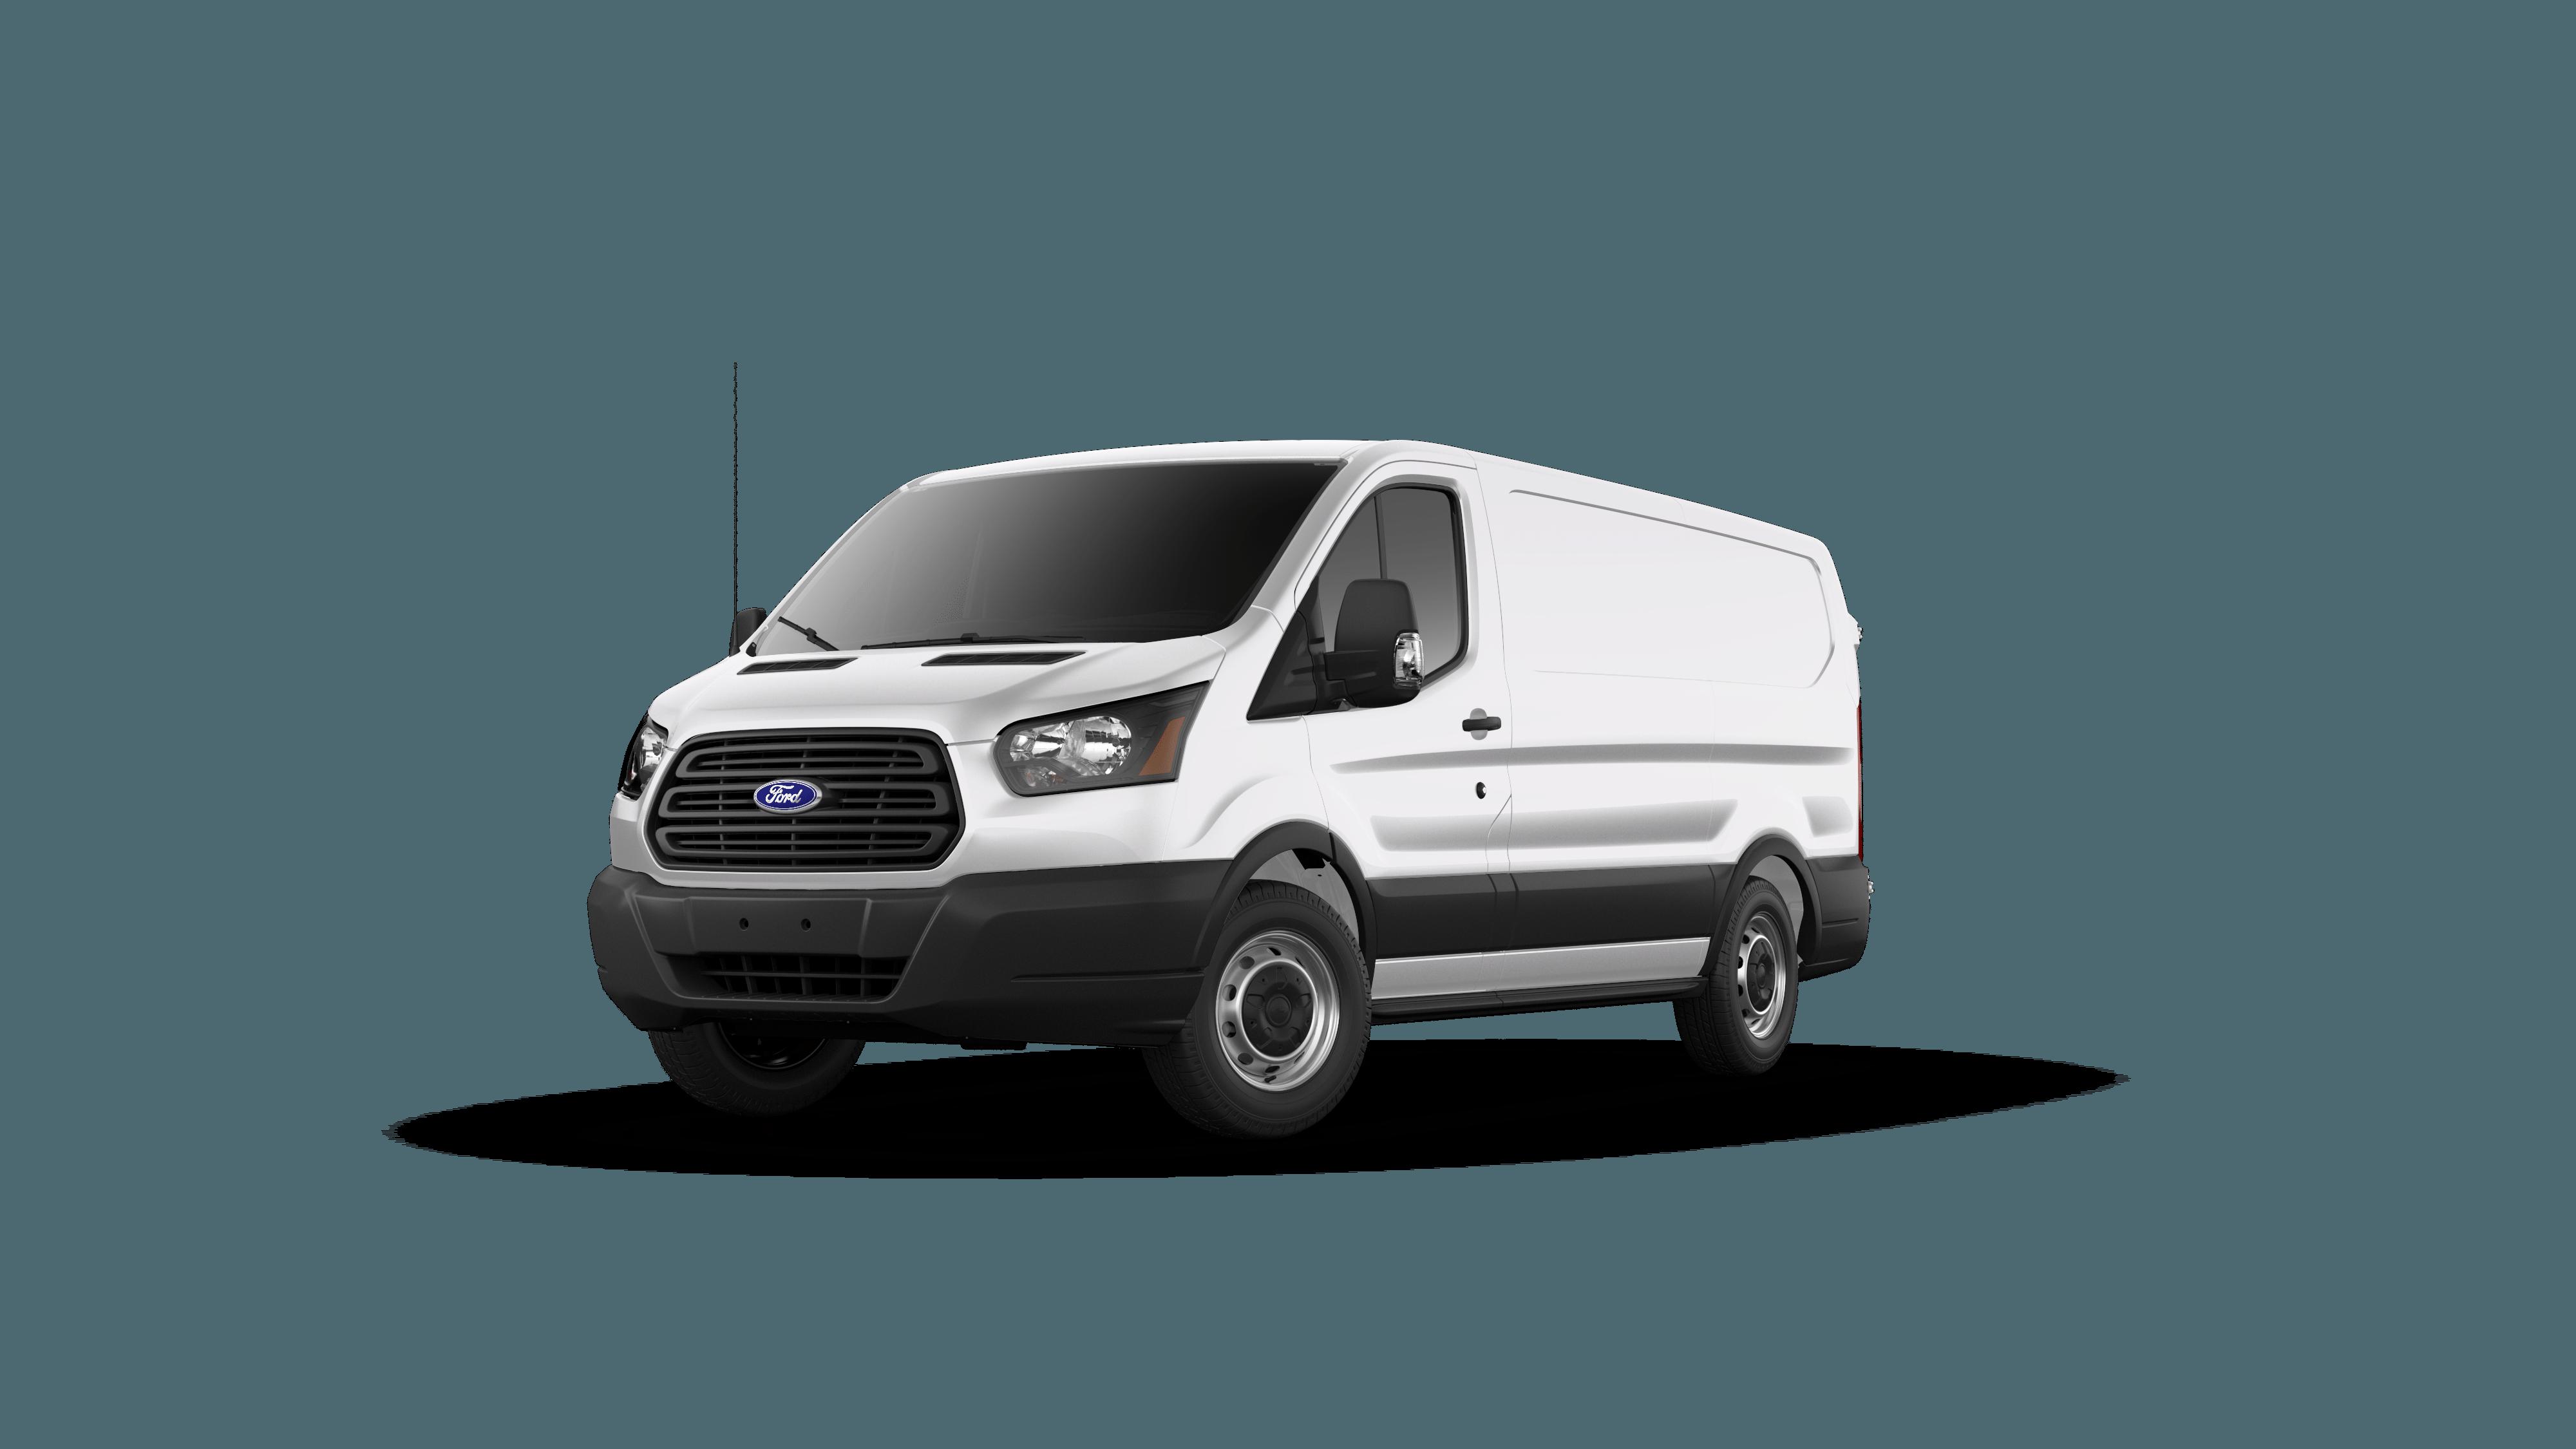 2019 Ford Transit Van Vehicle Photo in Quakertown, PA 18951-1403